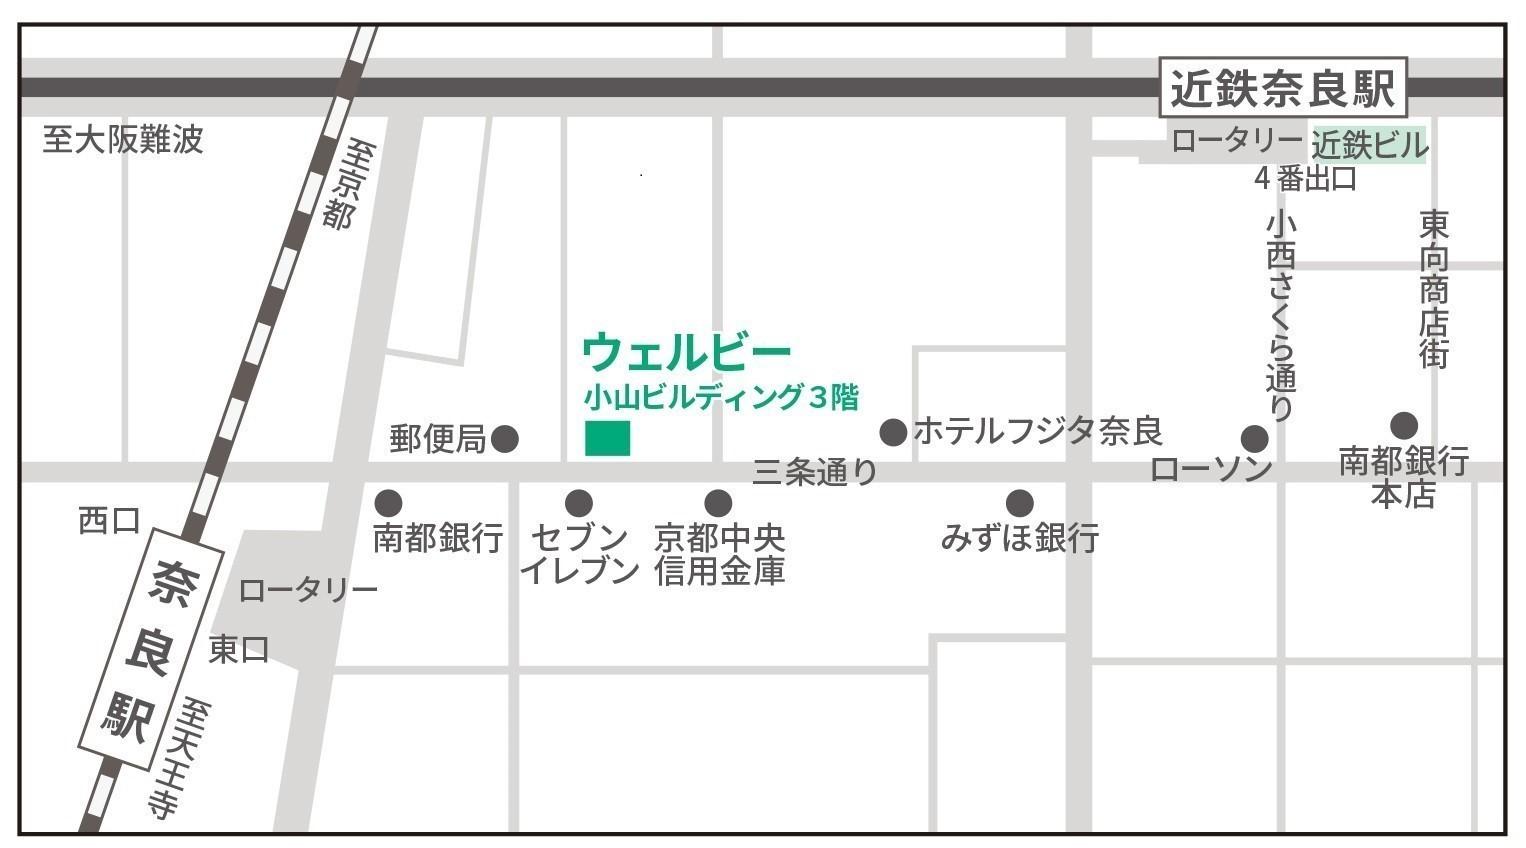 奈良センター地図